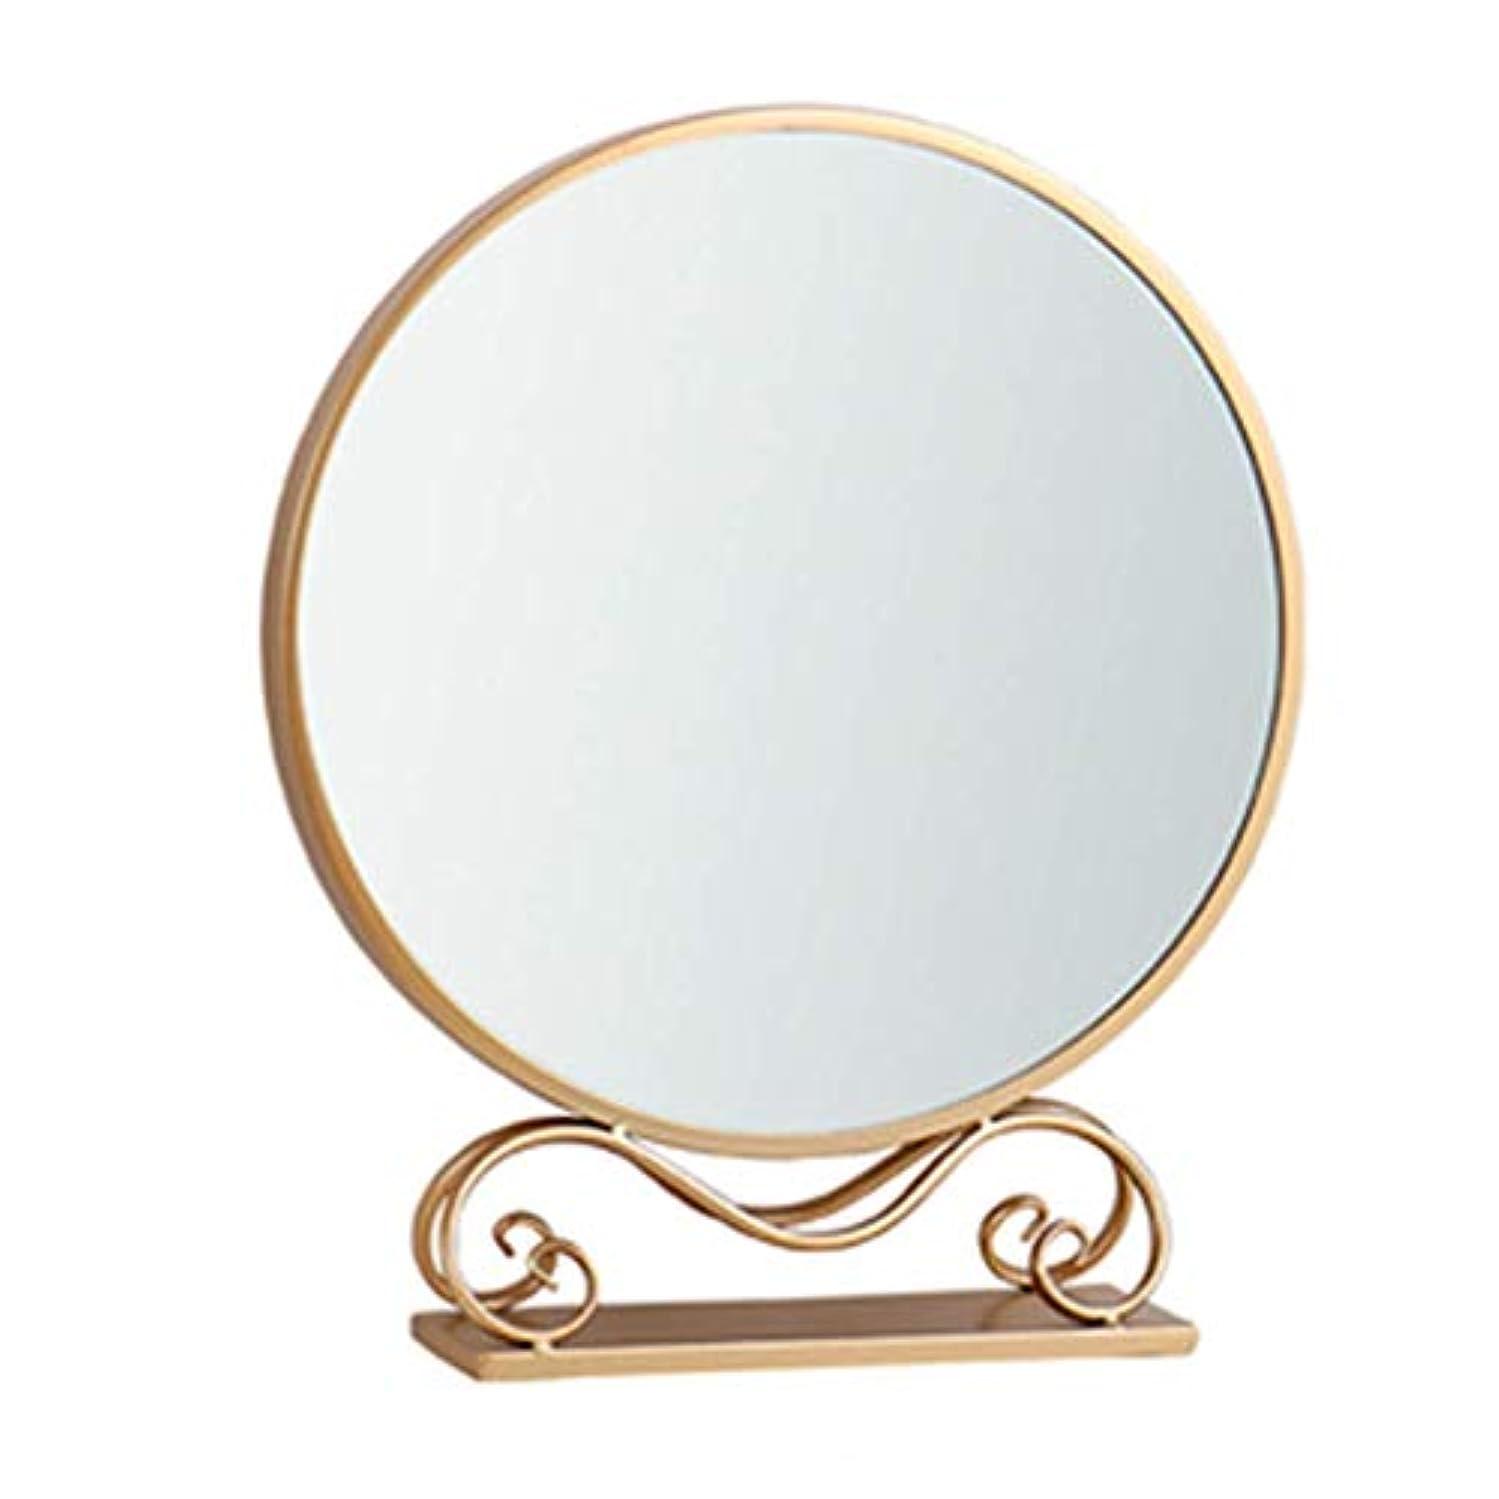 発火するフェザー属性北欧化粧鏡、デスクトップホームデスクトップミラー、錬鉄製の壁鏡、純赤のイン、円形のドレッサーミラー、クリアミラー、滑らかなペンキ、無塗装、無褪色、,Gold,59*30cm